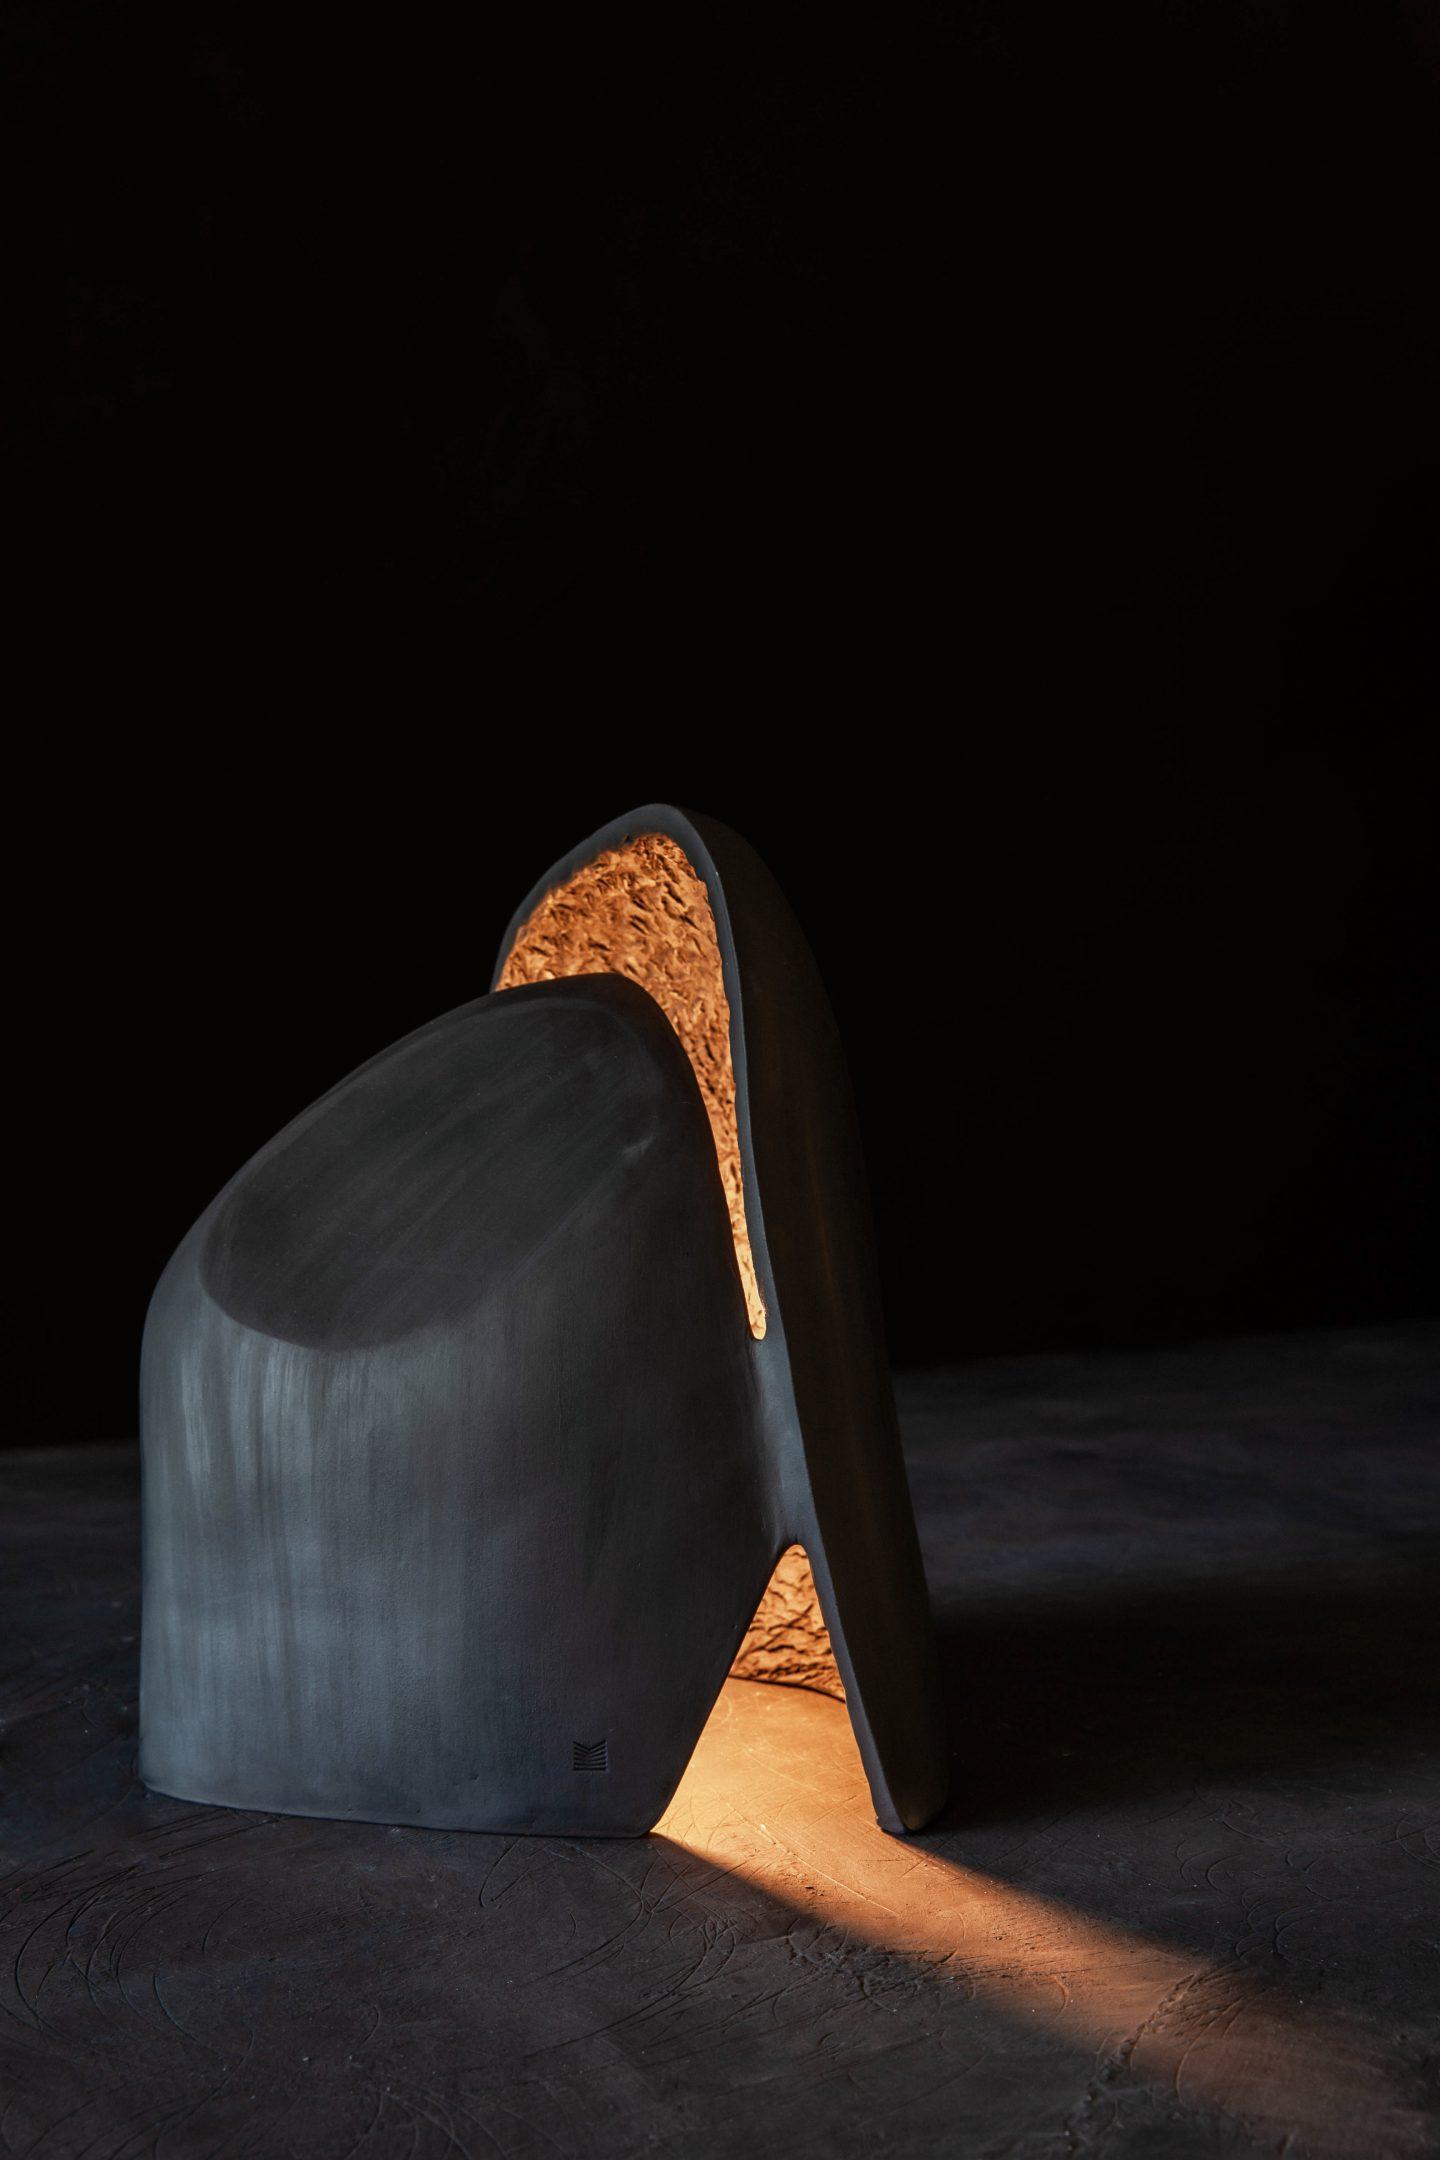 IGNANT-Design-Made-in-Situ-Barro-Negro-06